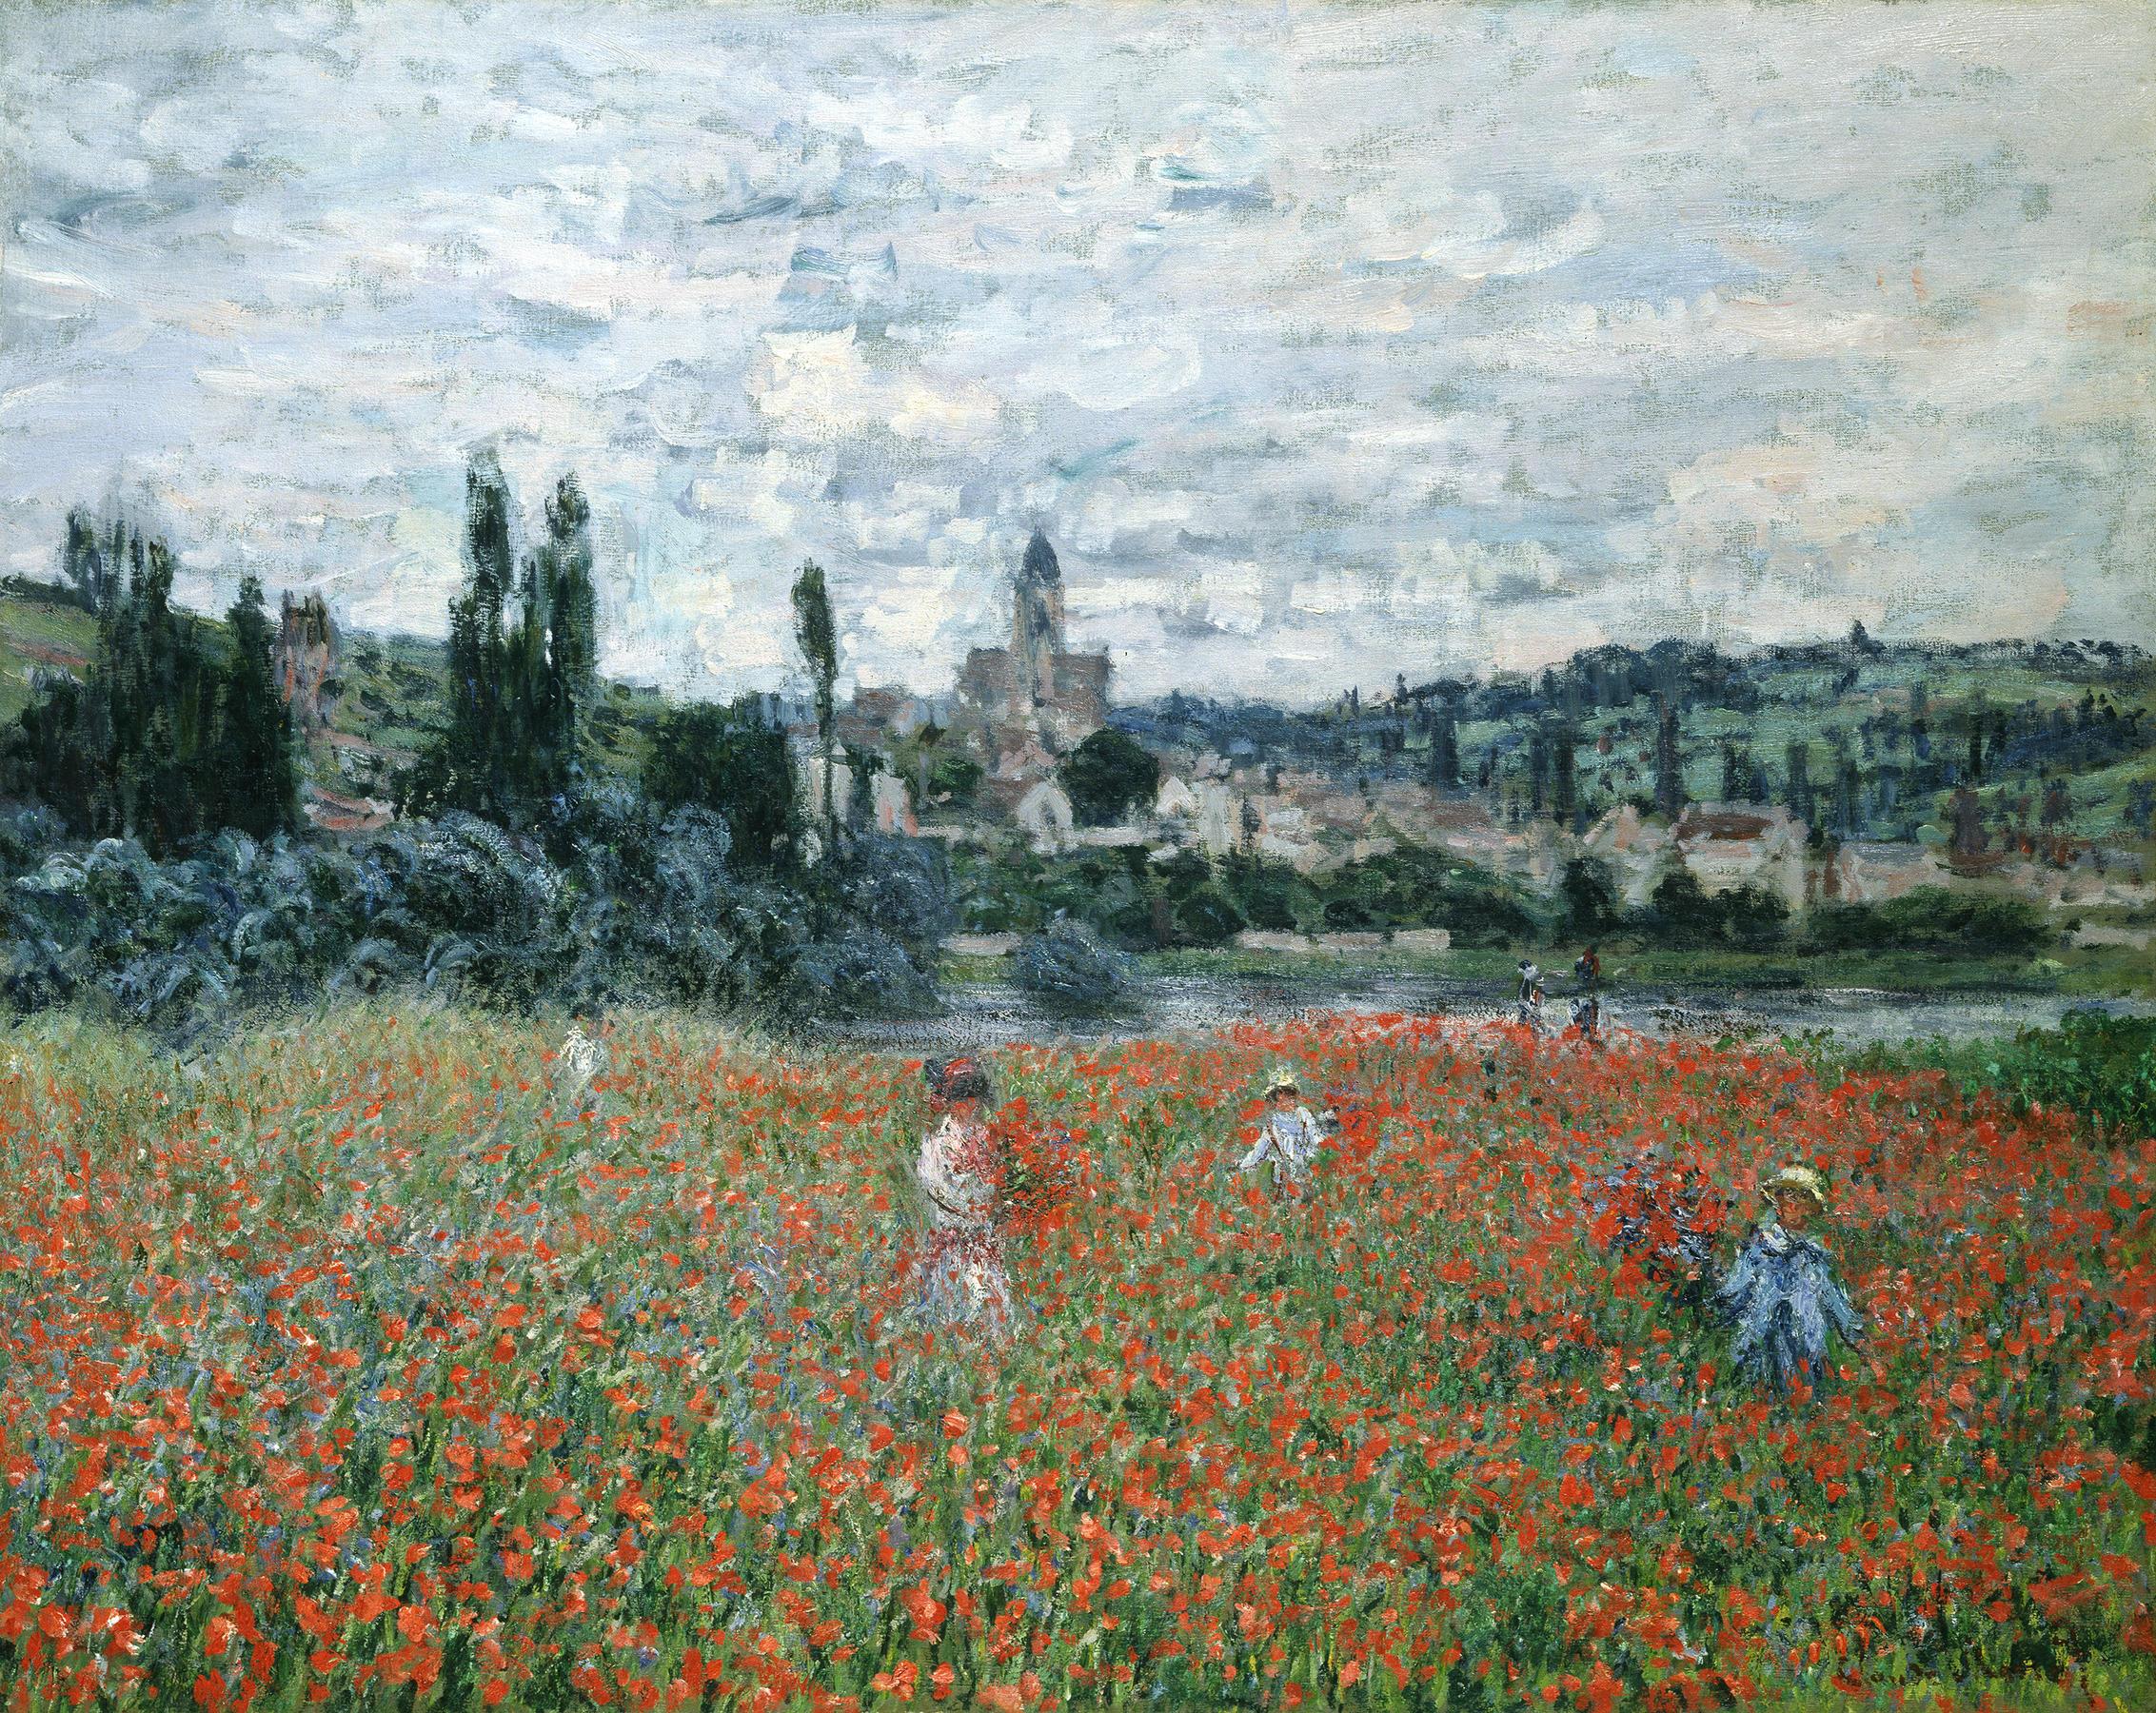 Claude_Monet_-_Champ_de_coquelicots_près_de_Vétheuil.jpg